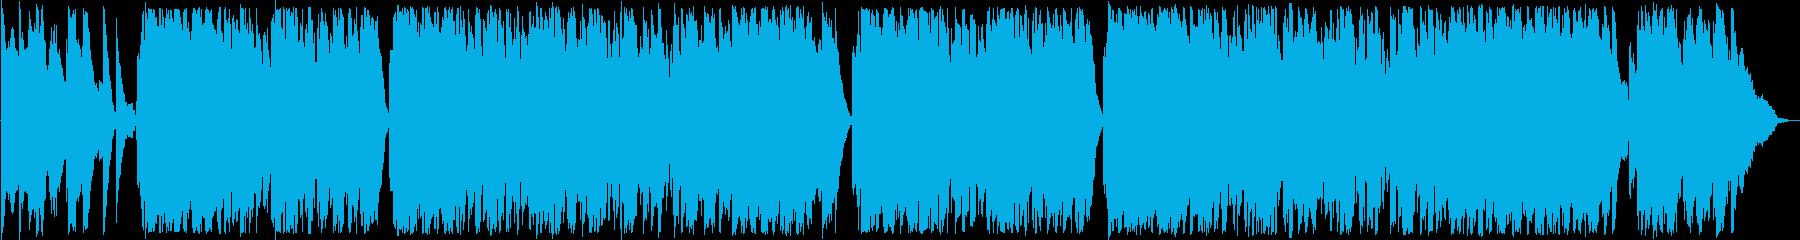 ゆったりしたバイオリン・ピアノサウンドの再生済みの波形